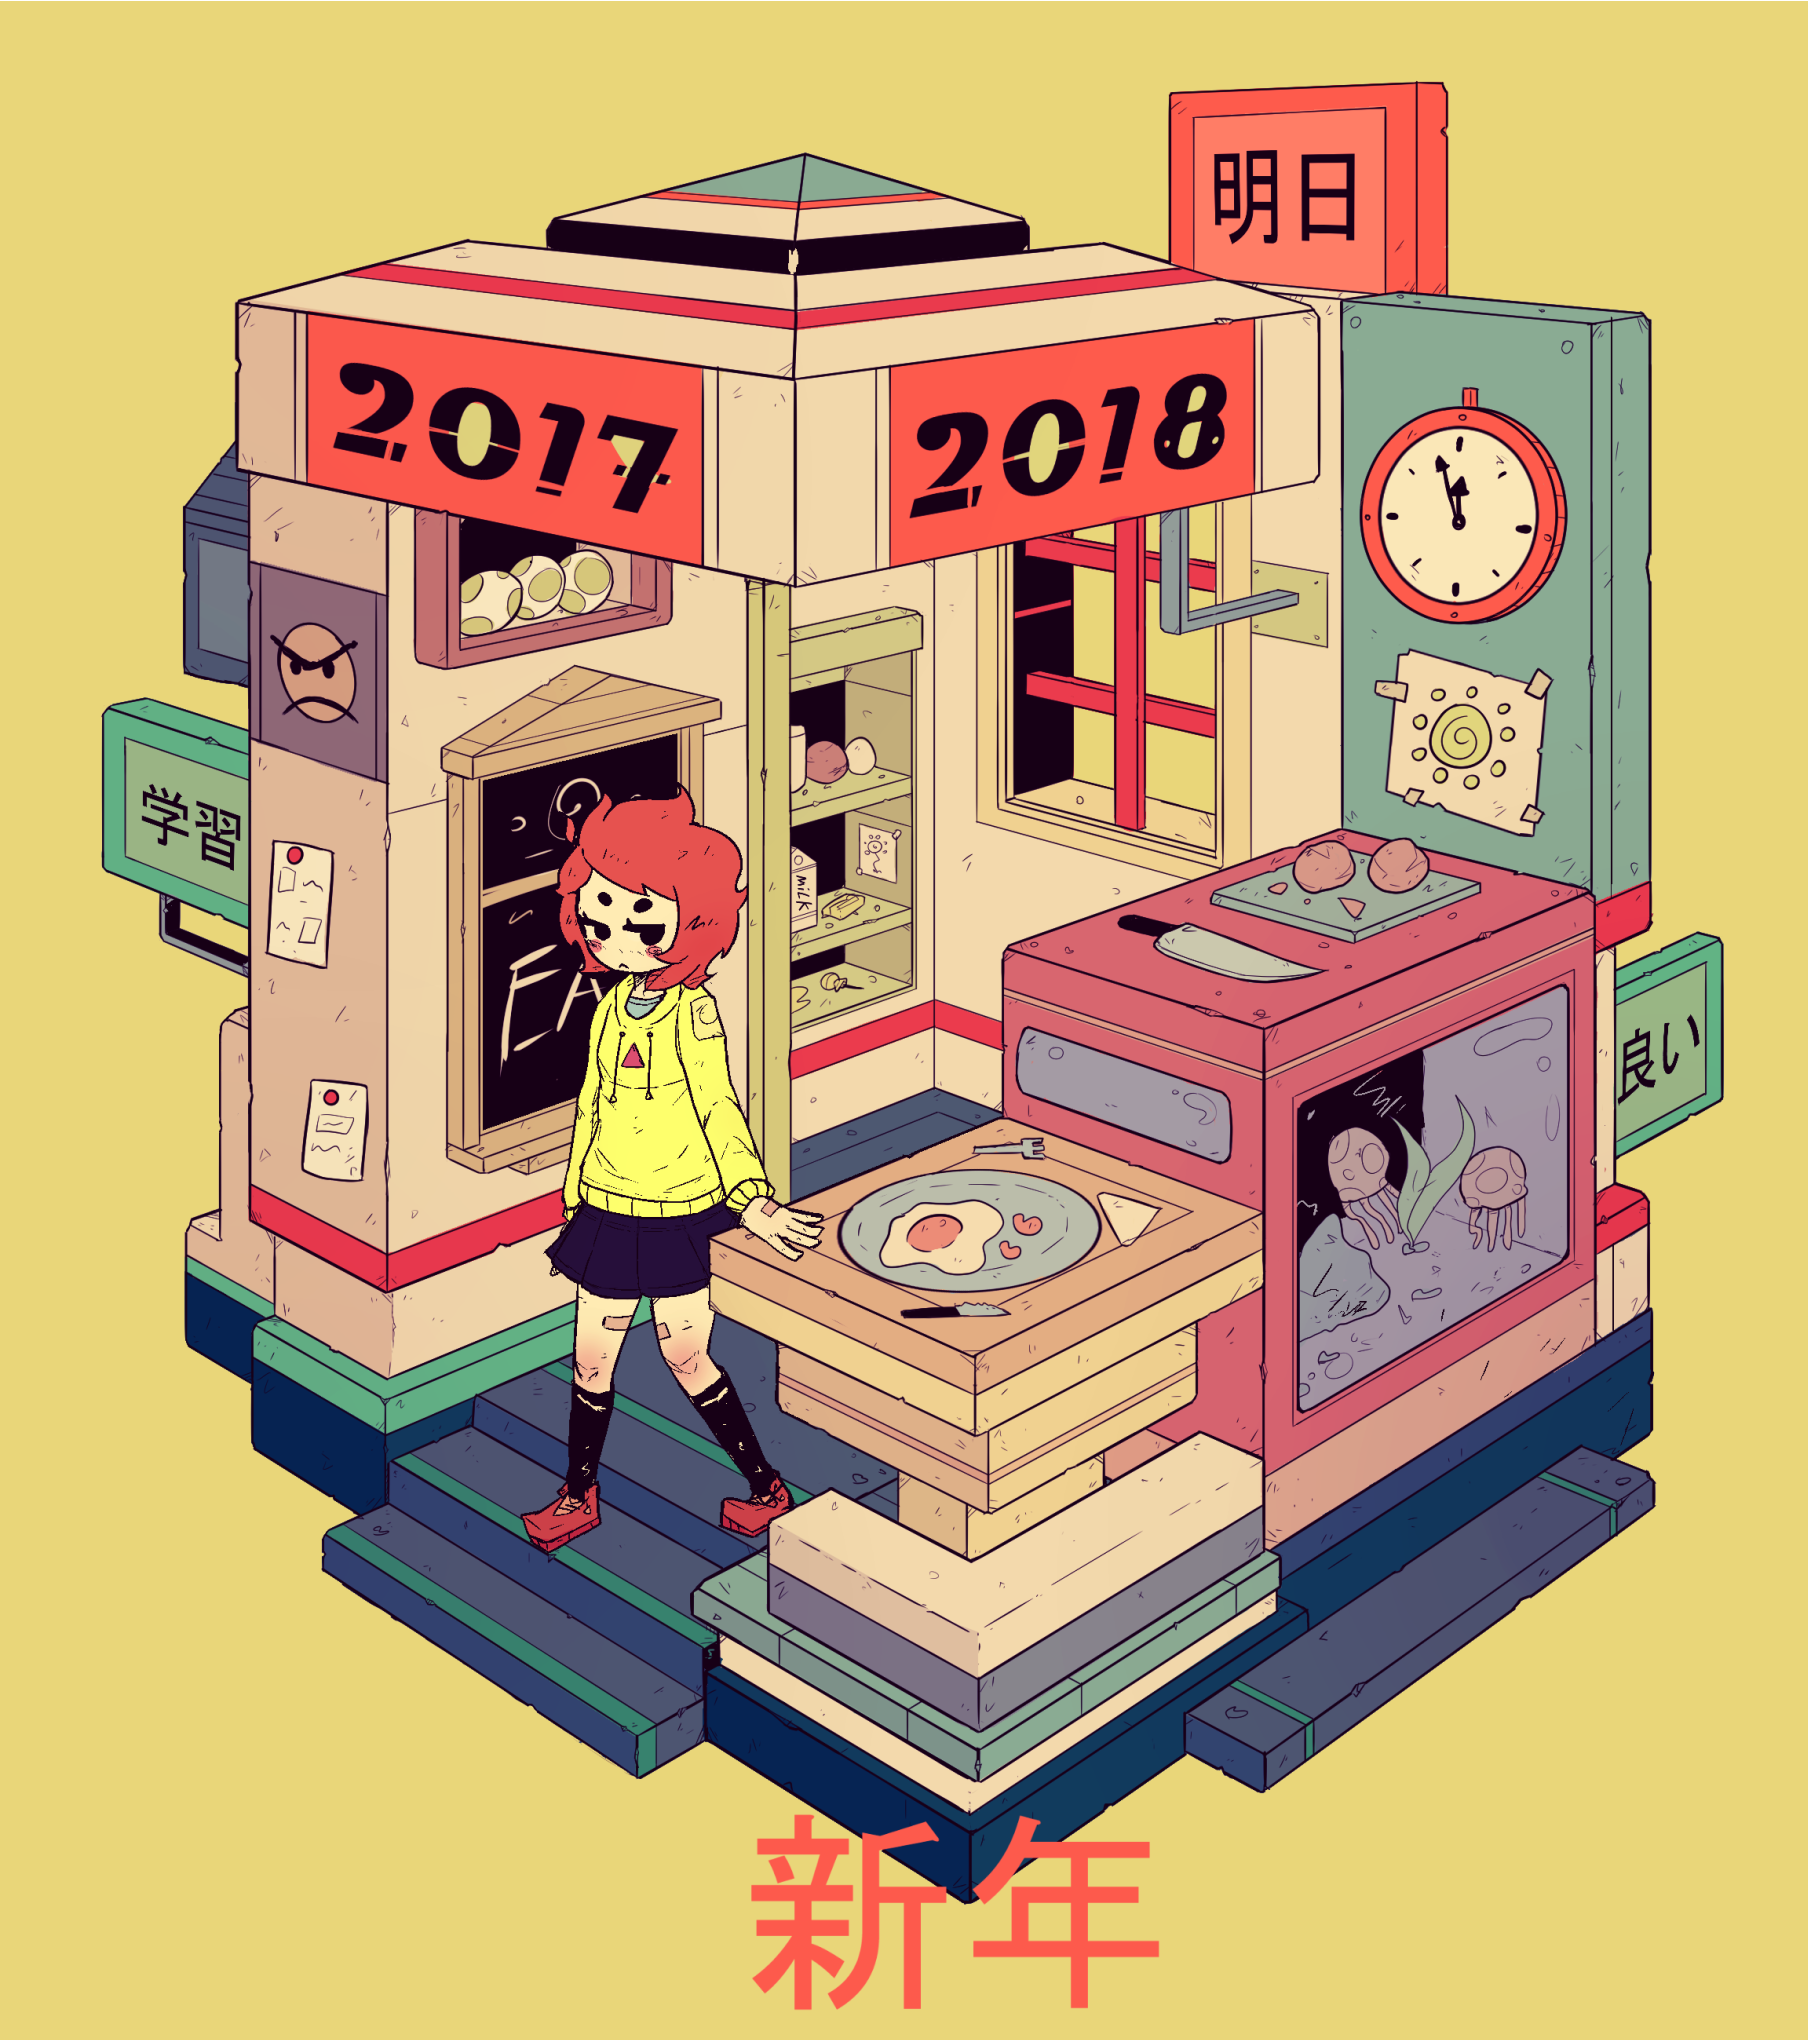 new year's box